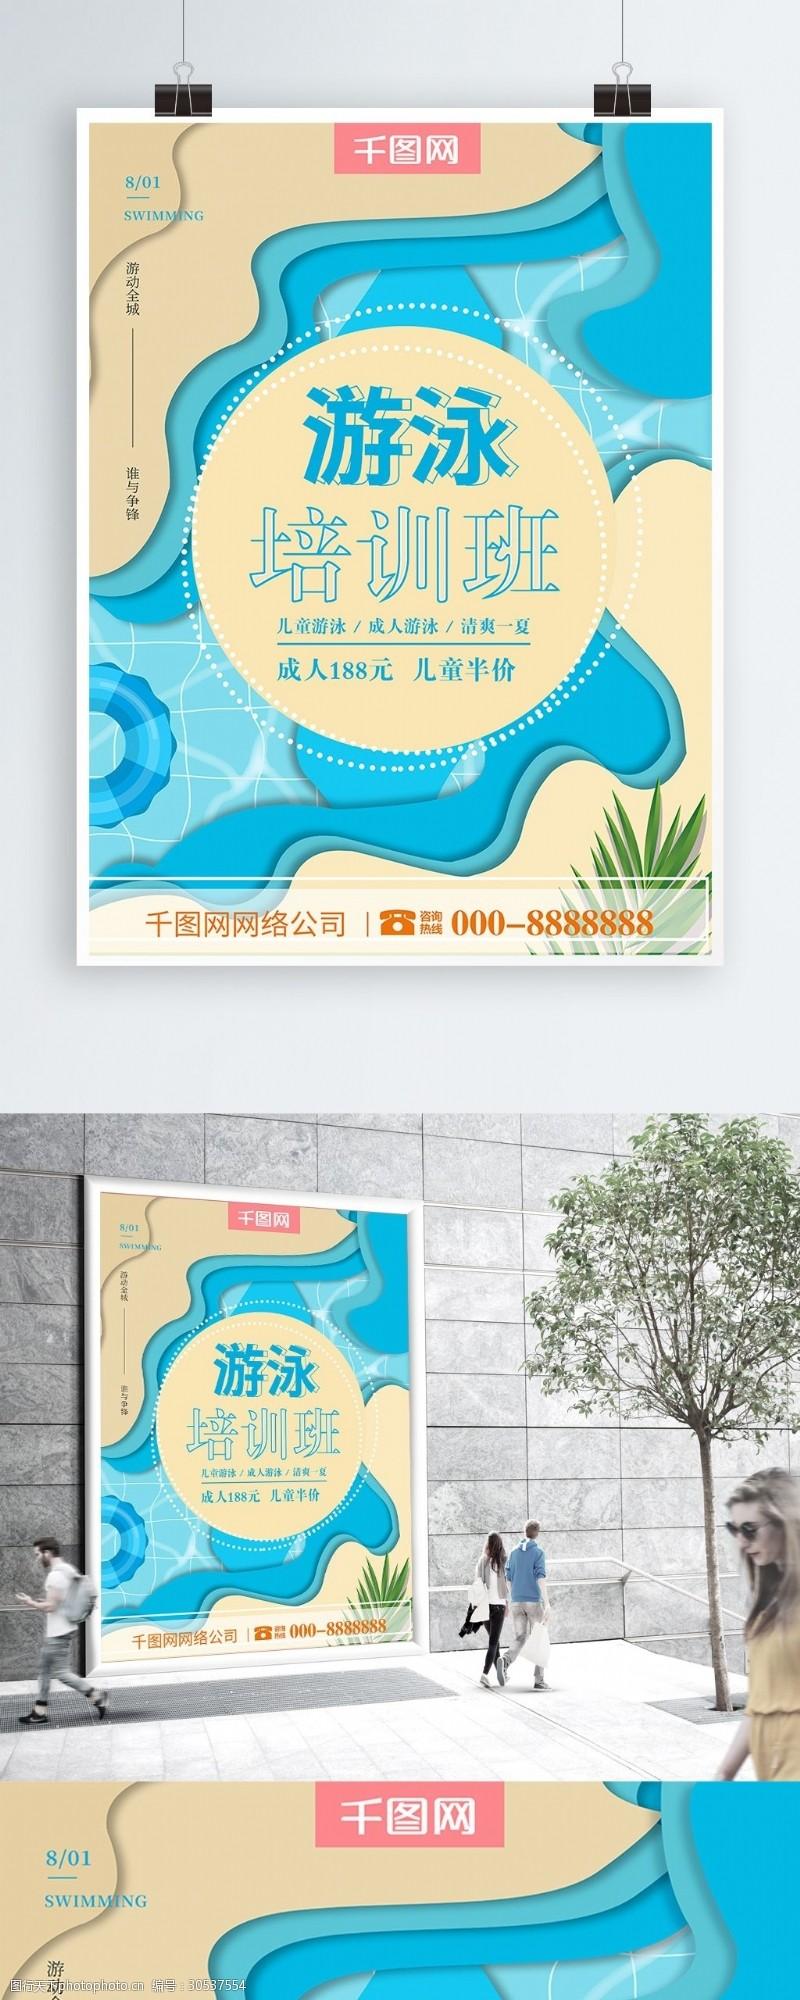 游泳培训班海报剪纸风游泳培训班招生宣传海报